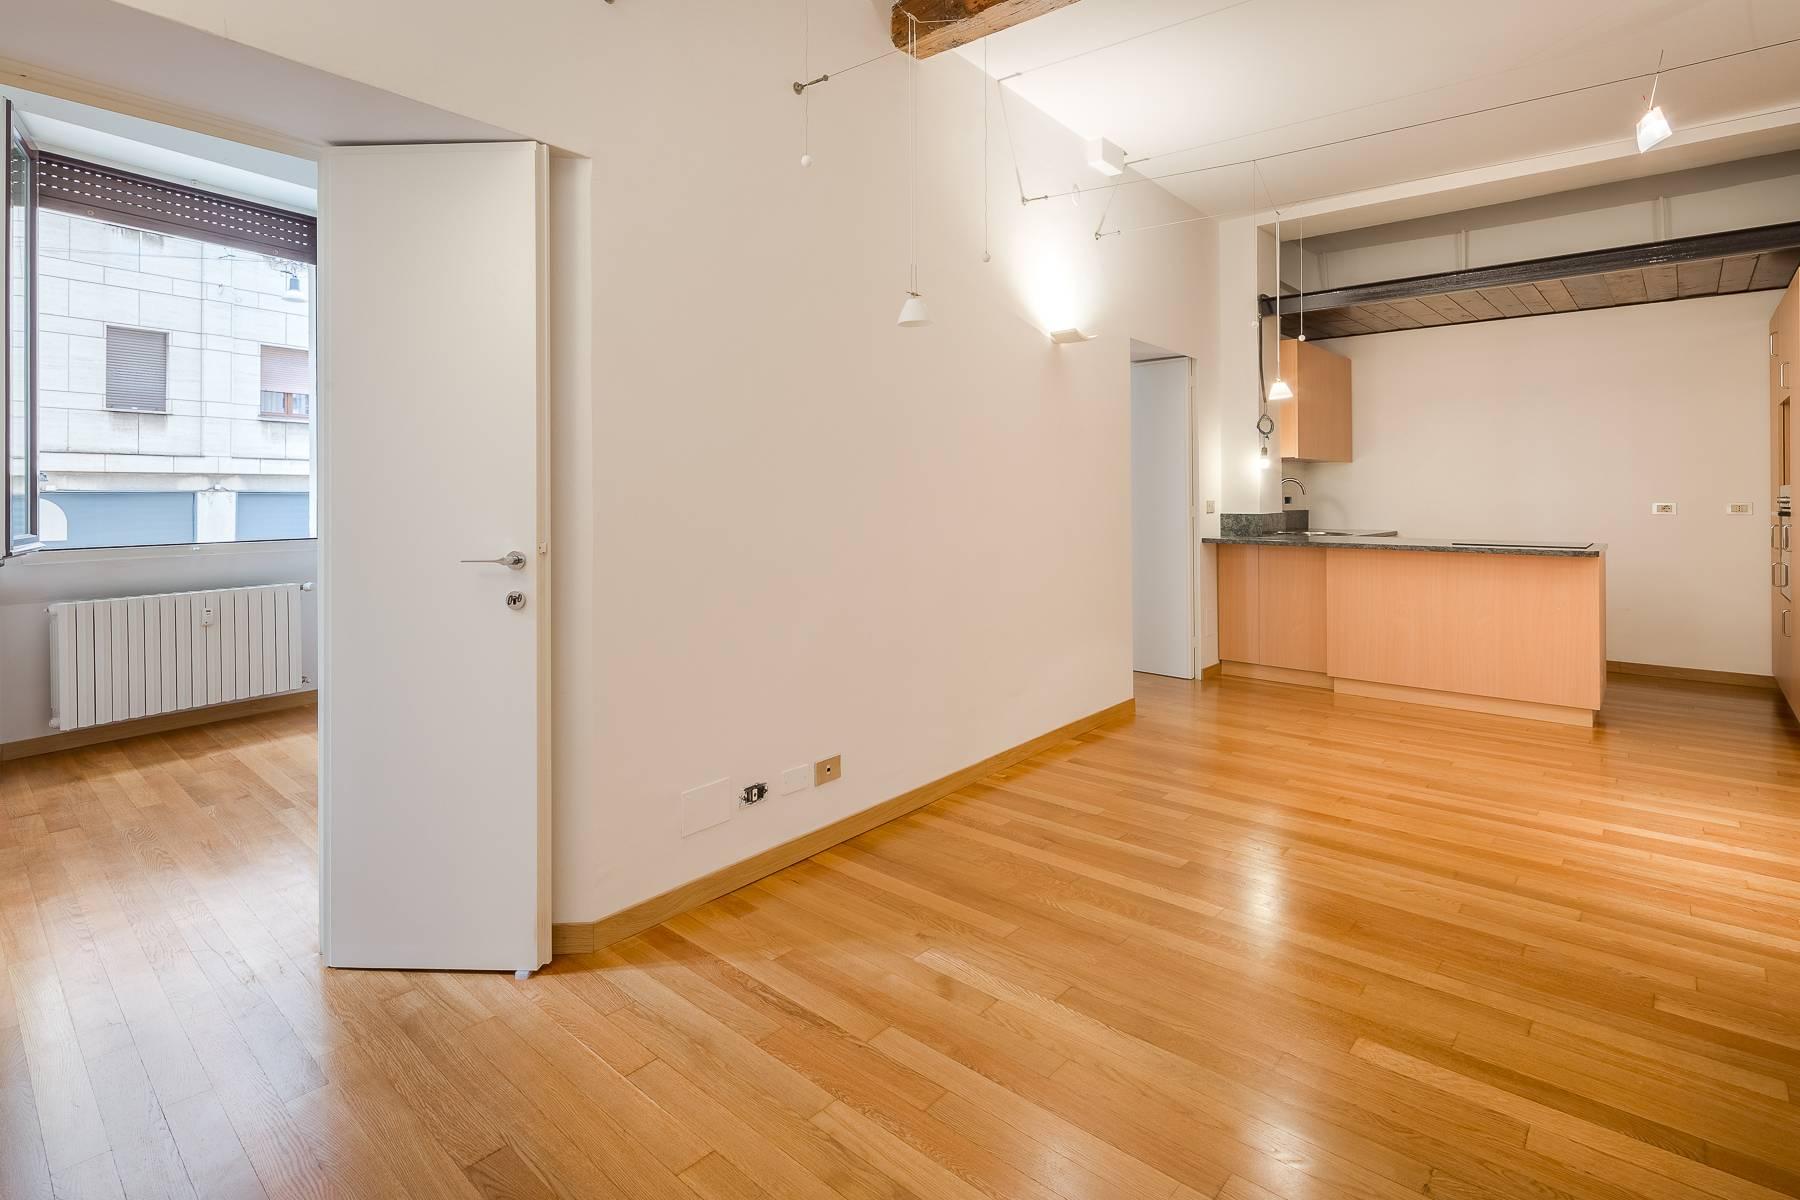 Appartamento in Vendita a Milano: 3 locali, 101 mq - Foto 17